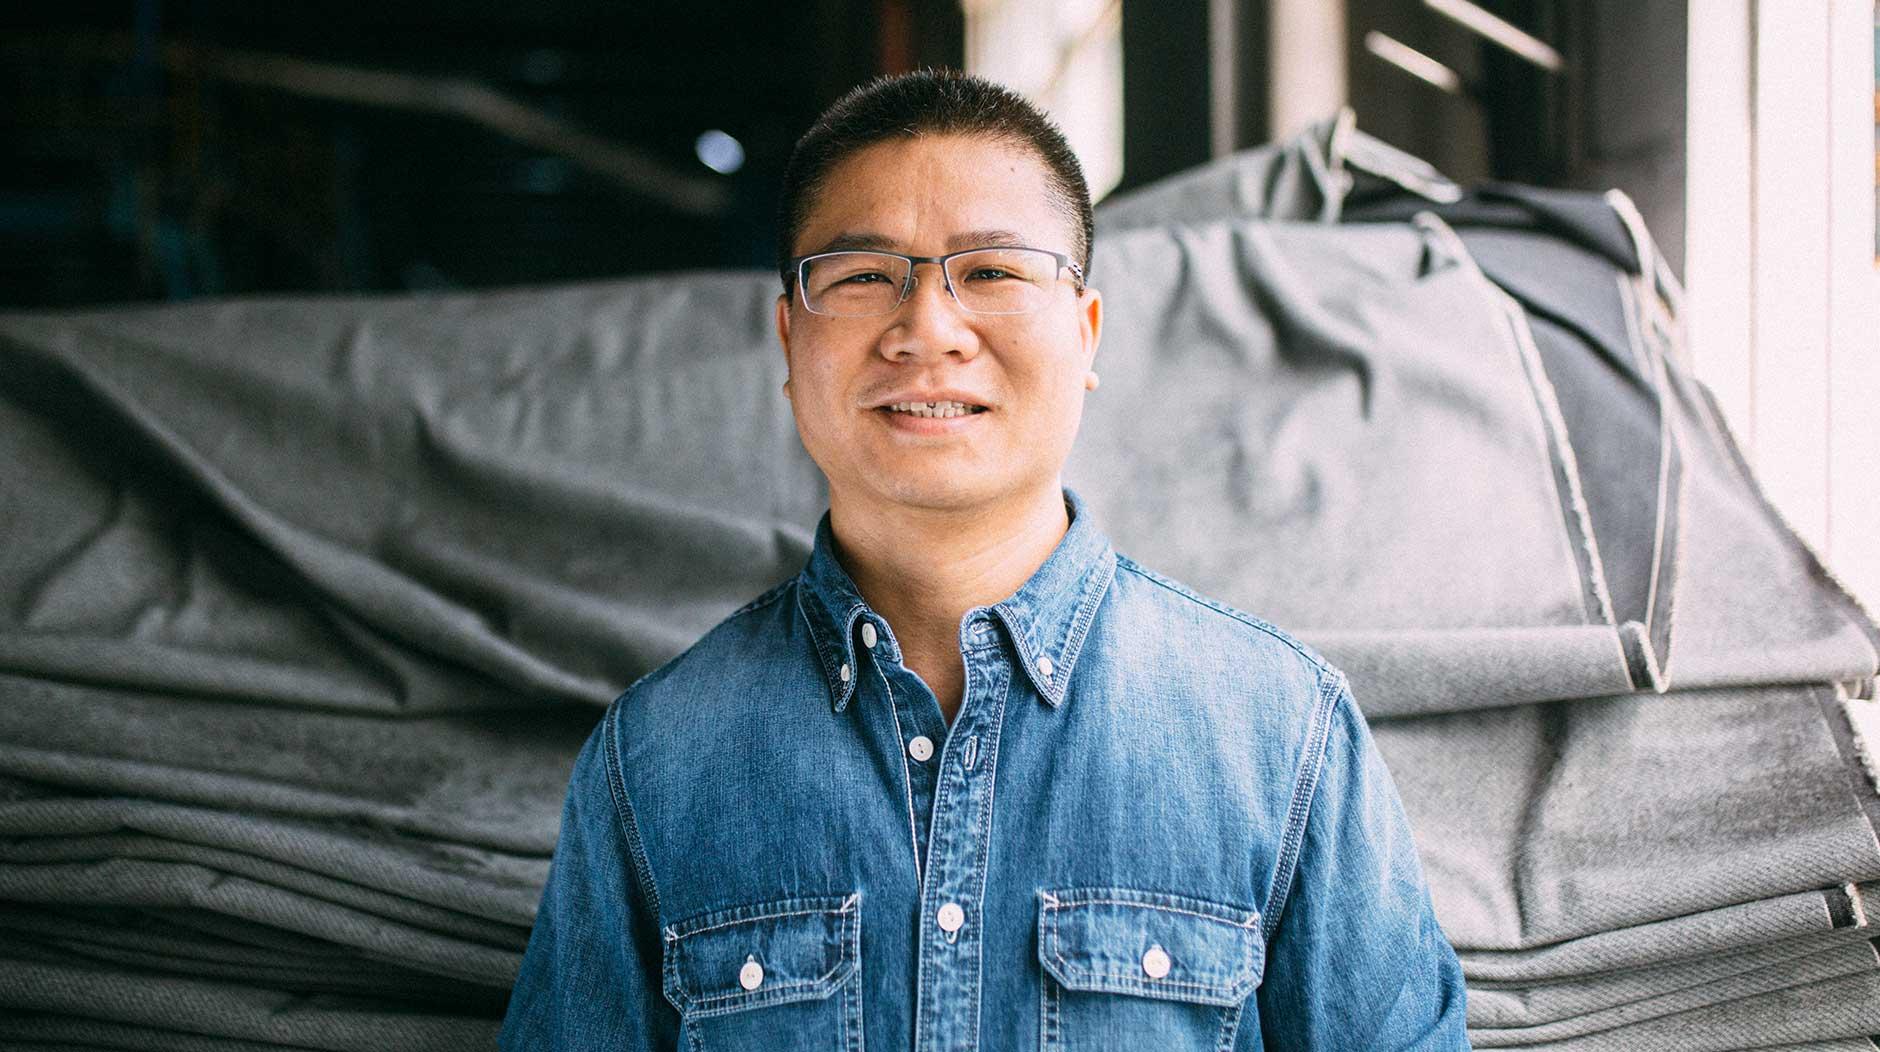 Guy smiling wearing denim shirt